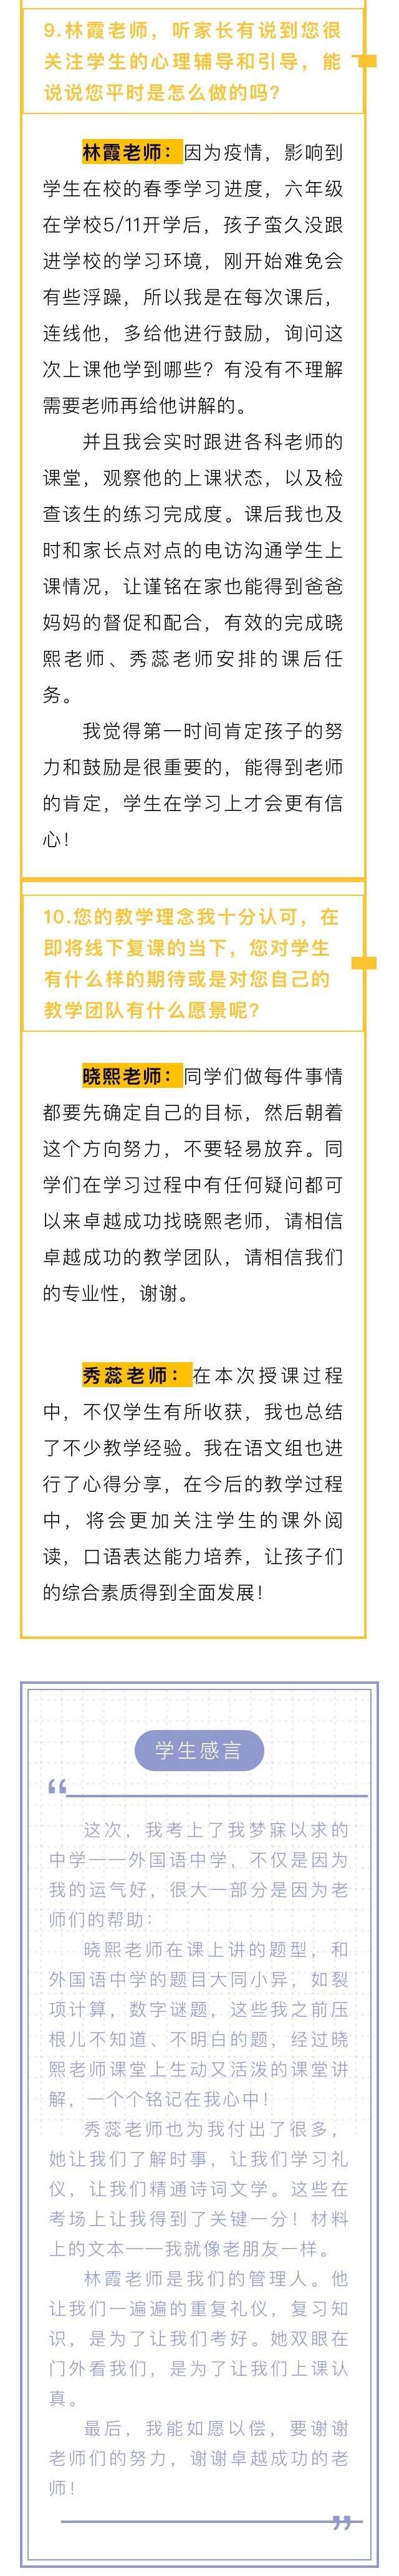 狂贺!厦门外国语录取喜报—刘晓熙老师,陈秀蕊老师,林霞老师访谈录